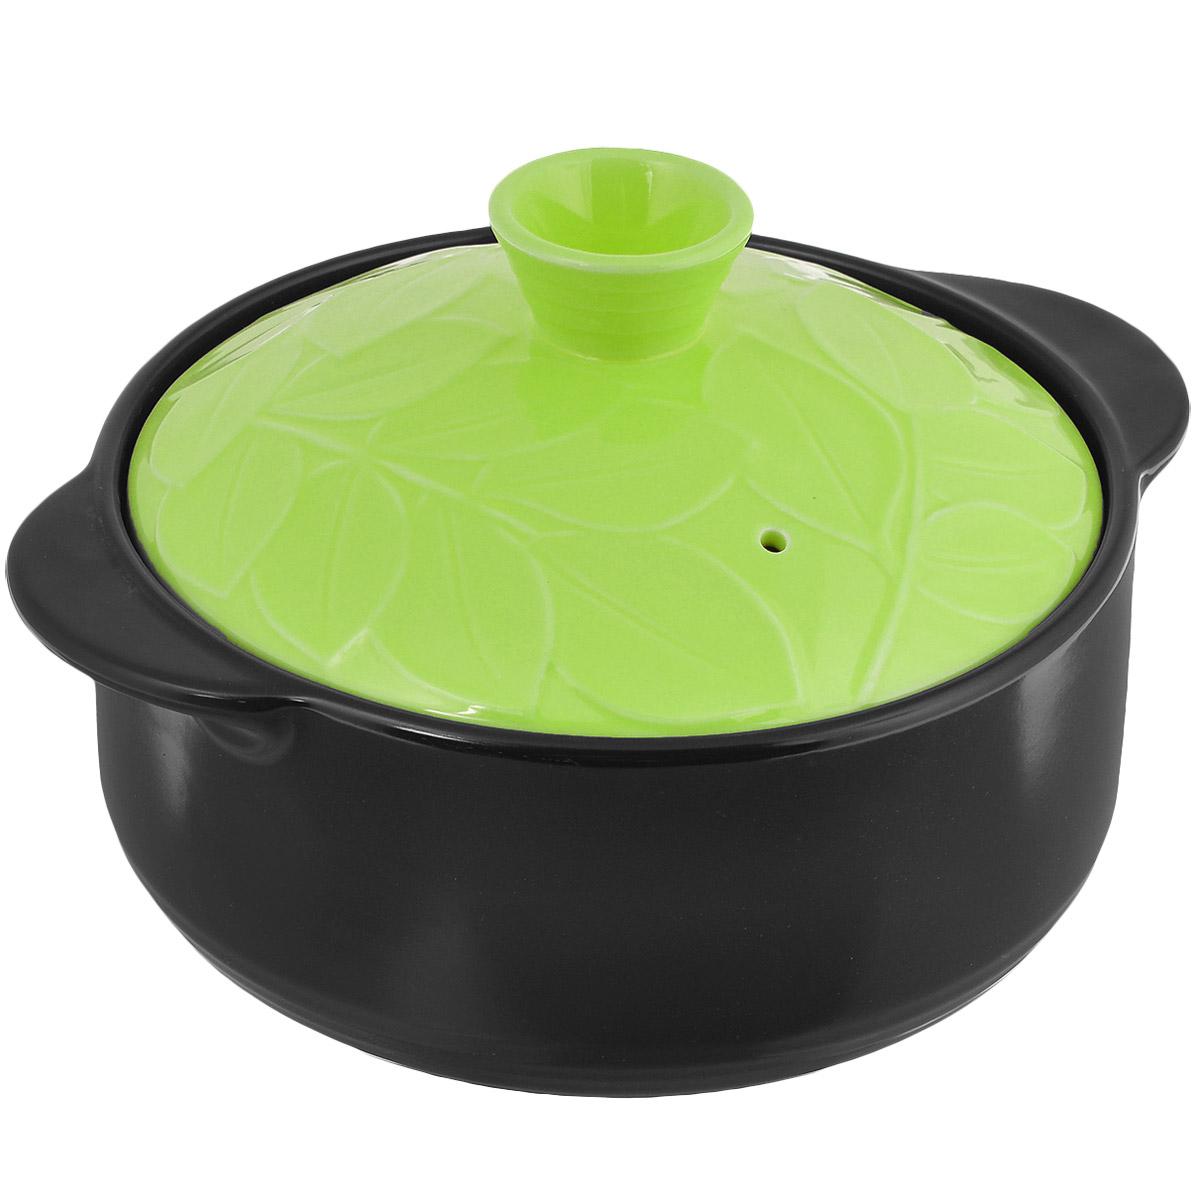 Кастрюля керамическая Hans & Gretchen с крышкой, цвет: зеленый, 1,6 л12NF-G18Кастрюля Hans & Gretchen изготовлена из экологически чистой жаропрочной керамики. Керамическая крышка кастрюли оснащена отверстием для выпуска пара. Кастрюля равномерно нагревает блюдо, долго сохраняя тепло и не выделяя абсолютно никаких примесей в пищу. Кастрюля не искажает, а даже усиливает вкус пищи. Крышка изделия оформлена рельефным изображением листьев. Превосходно служит для замораживания продуктов в холодильнике (до -20°С). Кастрюля устойчива к химическим и механическим воздействиям. Благодаря толстым стенкам изделие нагревается равномерно.Кастрюля Hans & Gretchen прекрасно подойдет для запекания и тушения овощей, мяса и других блюд, а оригинальный дизайн и яркое оформление украсят ваш стол.Можно мыть в посудомоечной машине. Кастрюля предназначена для использования на газовой и электрической плитах, в духовке и микроволновой печи. Не подходит для индукционных плит. Высота стенки: 8,5 см.Ширина кастрюли (с учетом ручек): 23 см.Толщина дна: 5 мм.Толщина стенки: 5 мм.